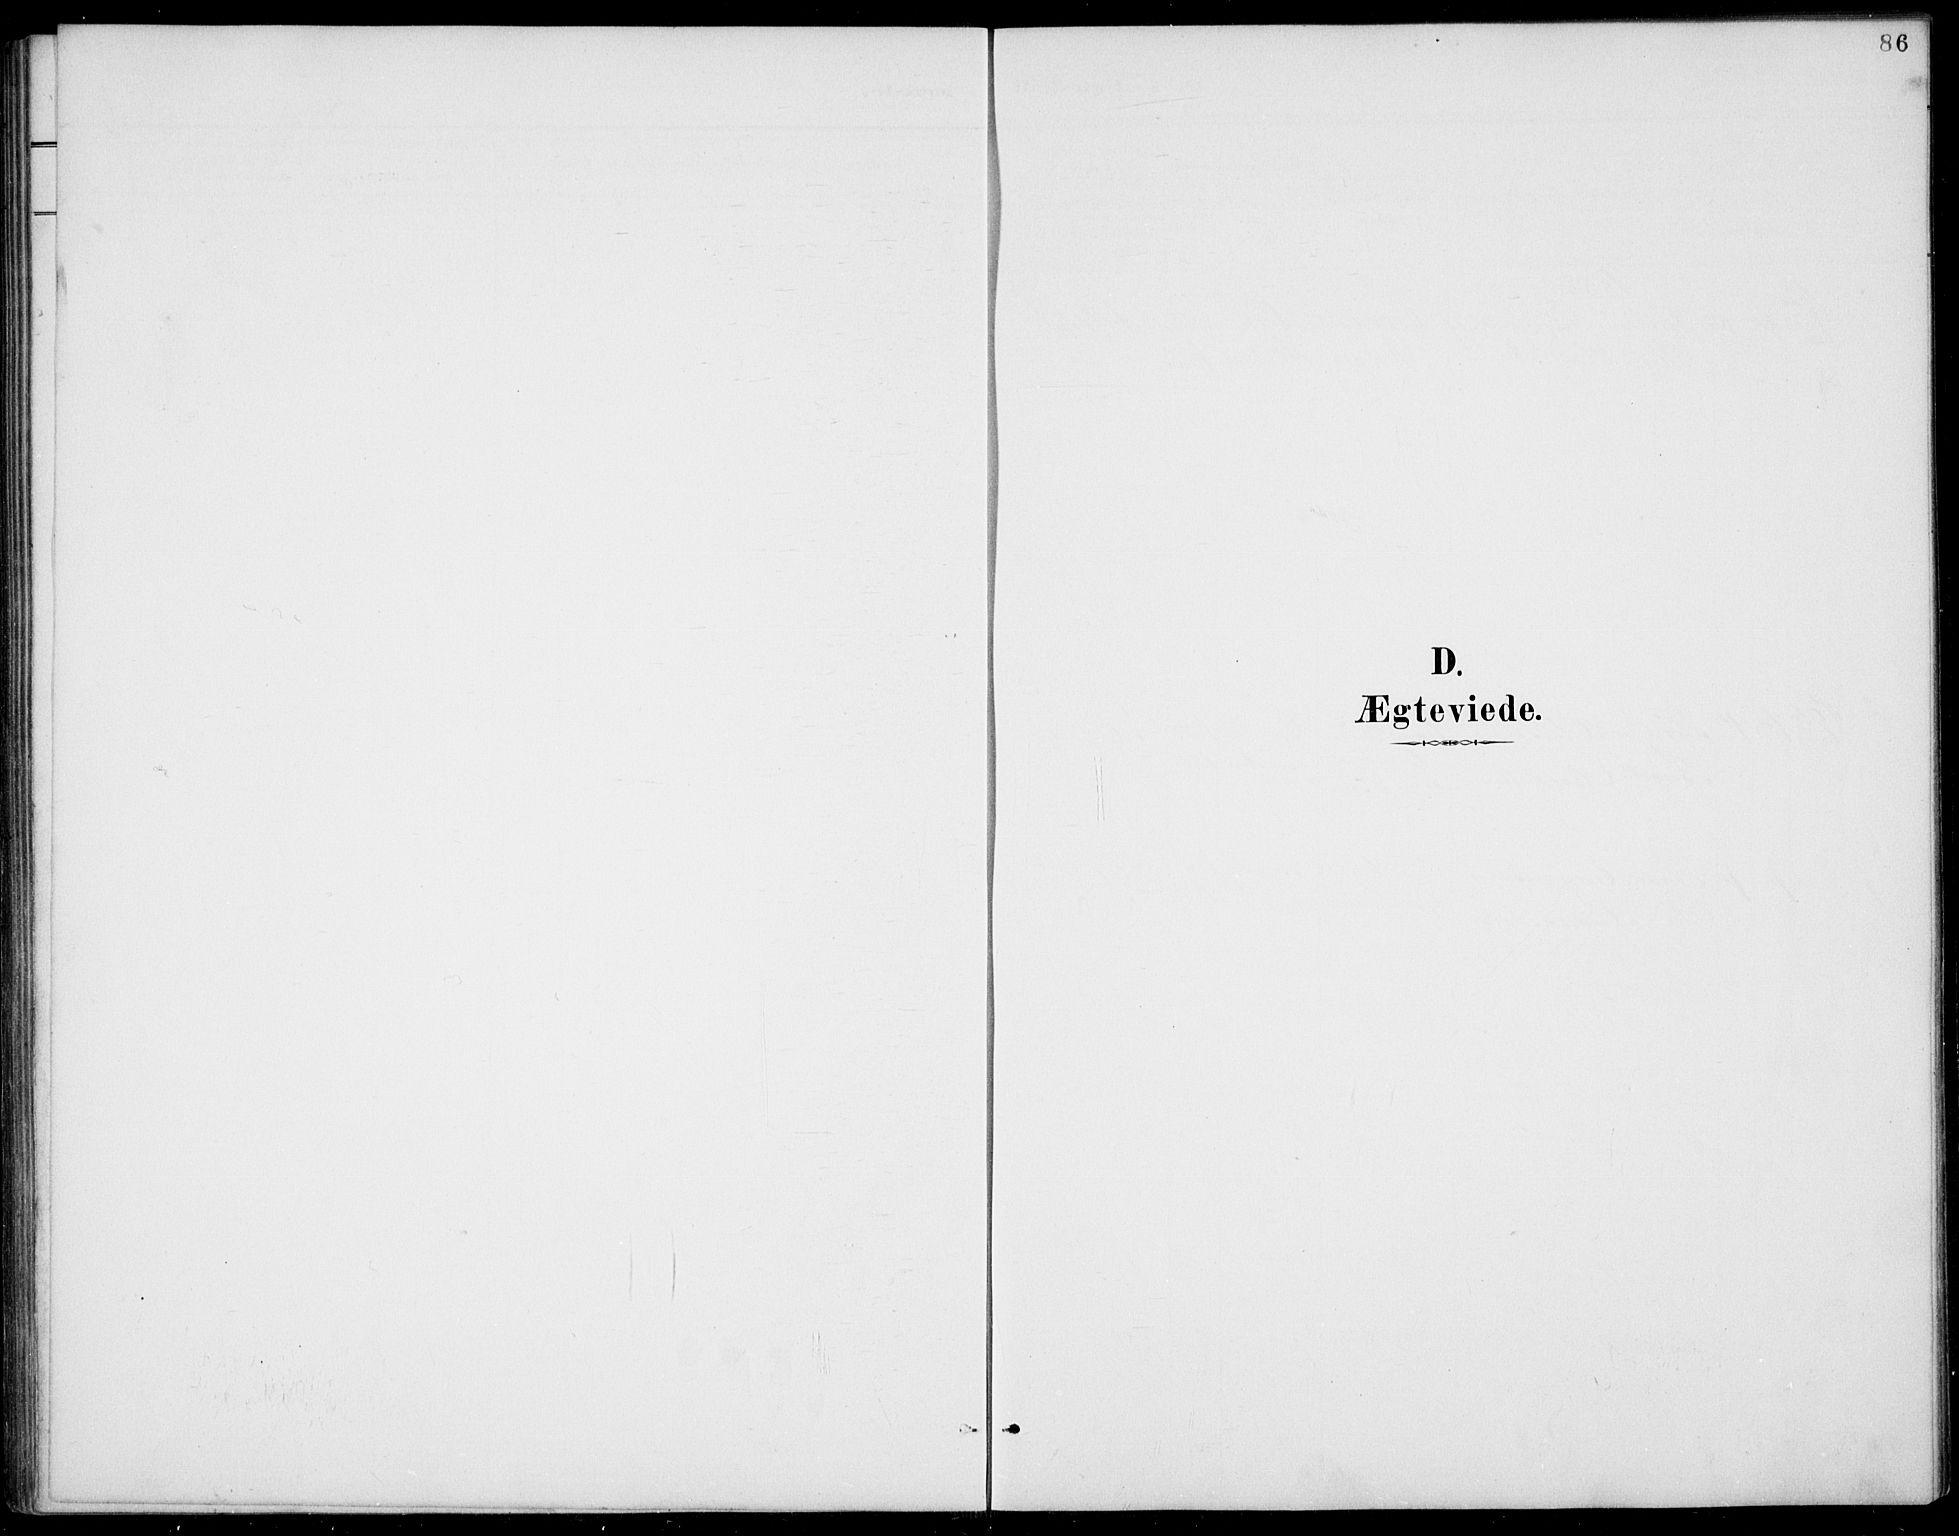 SAKO, Rauland kirkebøker, G/Gb/L0002: Klokkerbok nr. II 2, 1887-1937, s. 86